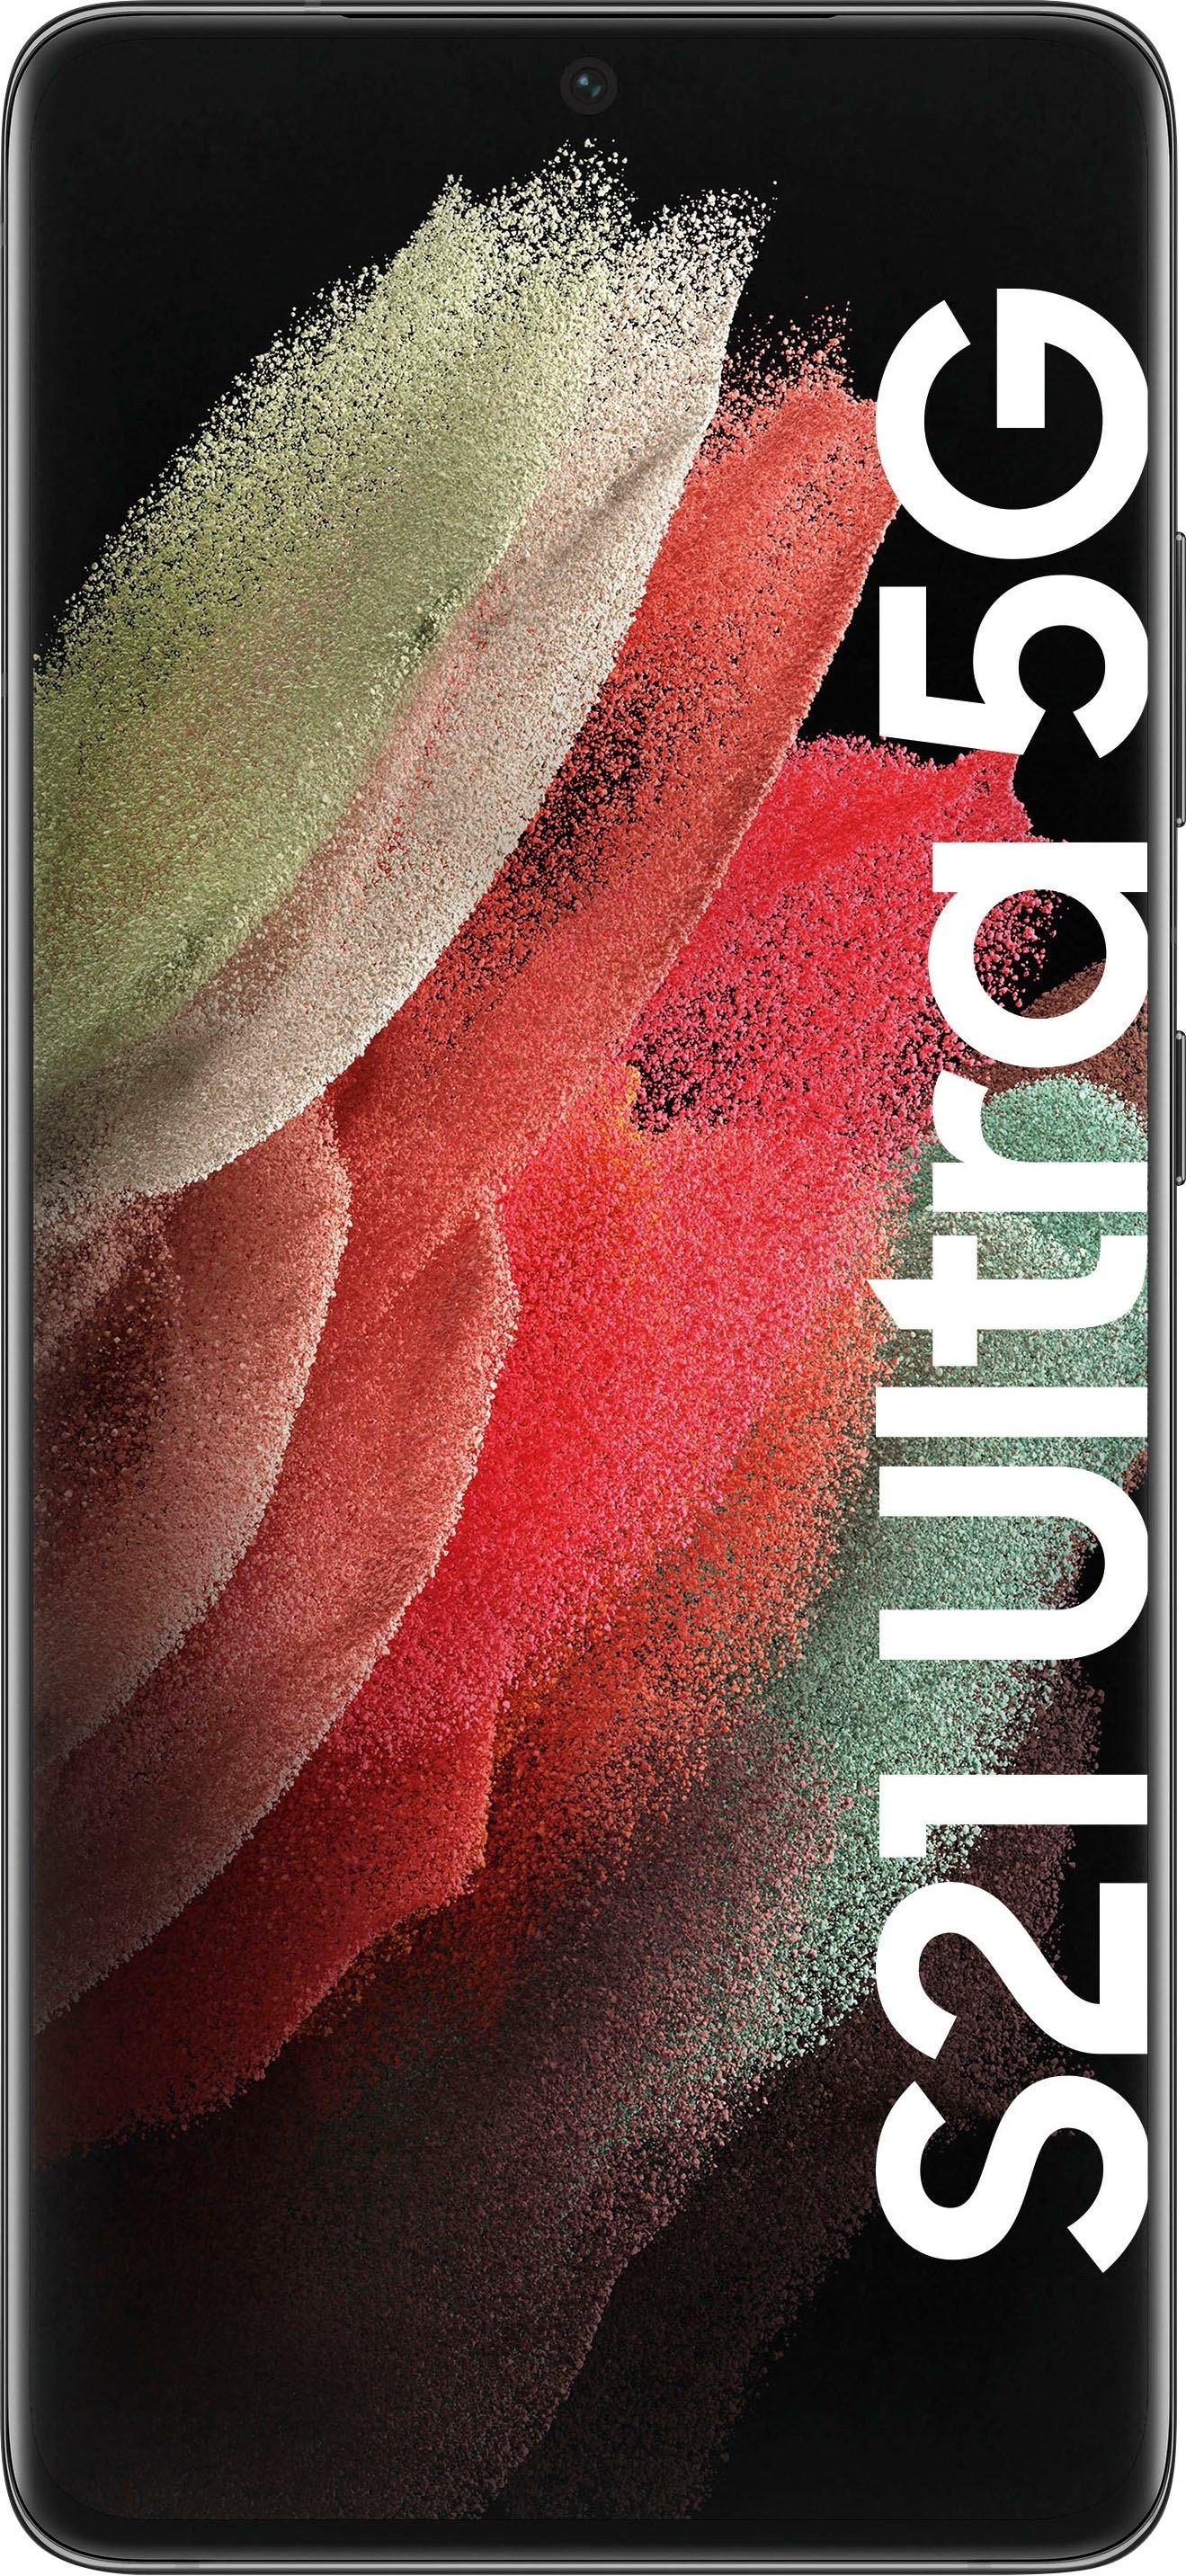 Samsung smartphone Galaxy S21 Ultra 5G 3 jaar garantie bij OTTO online kopen